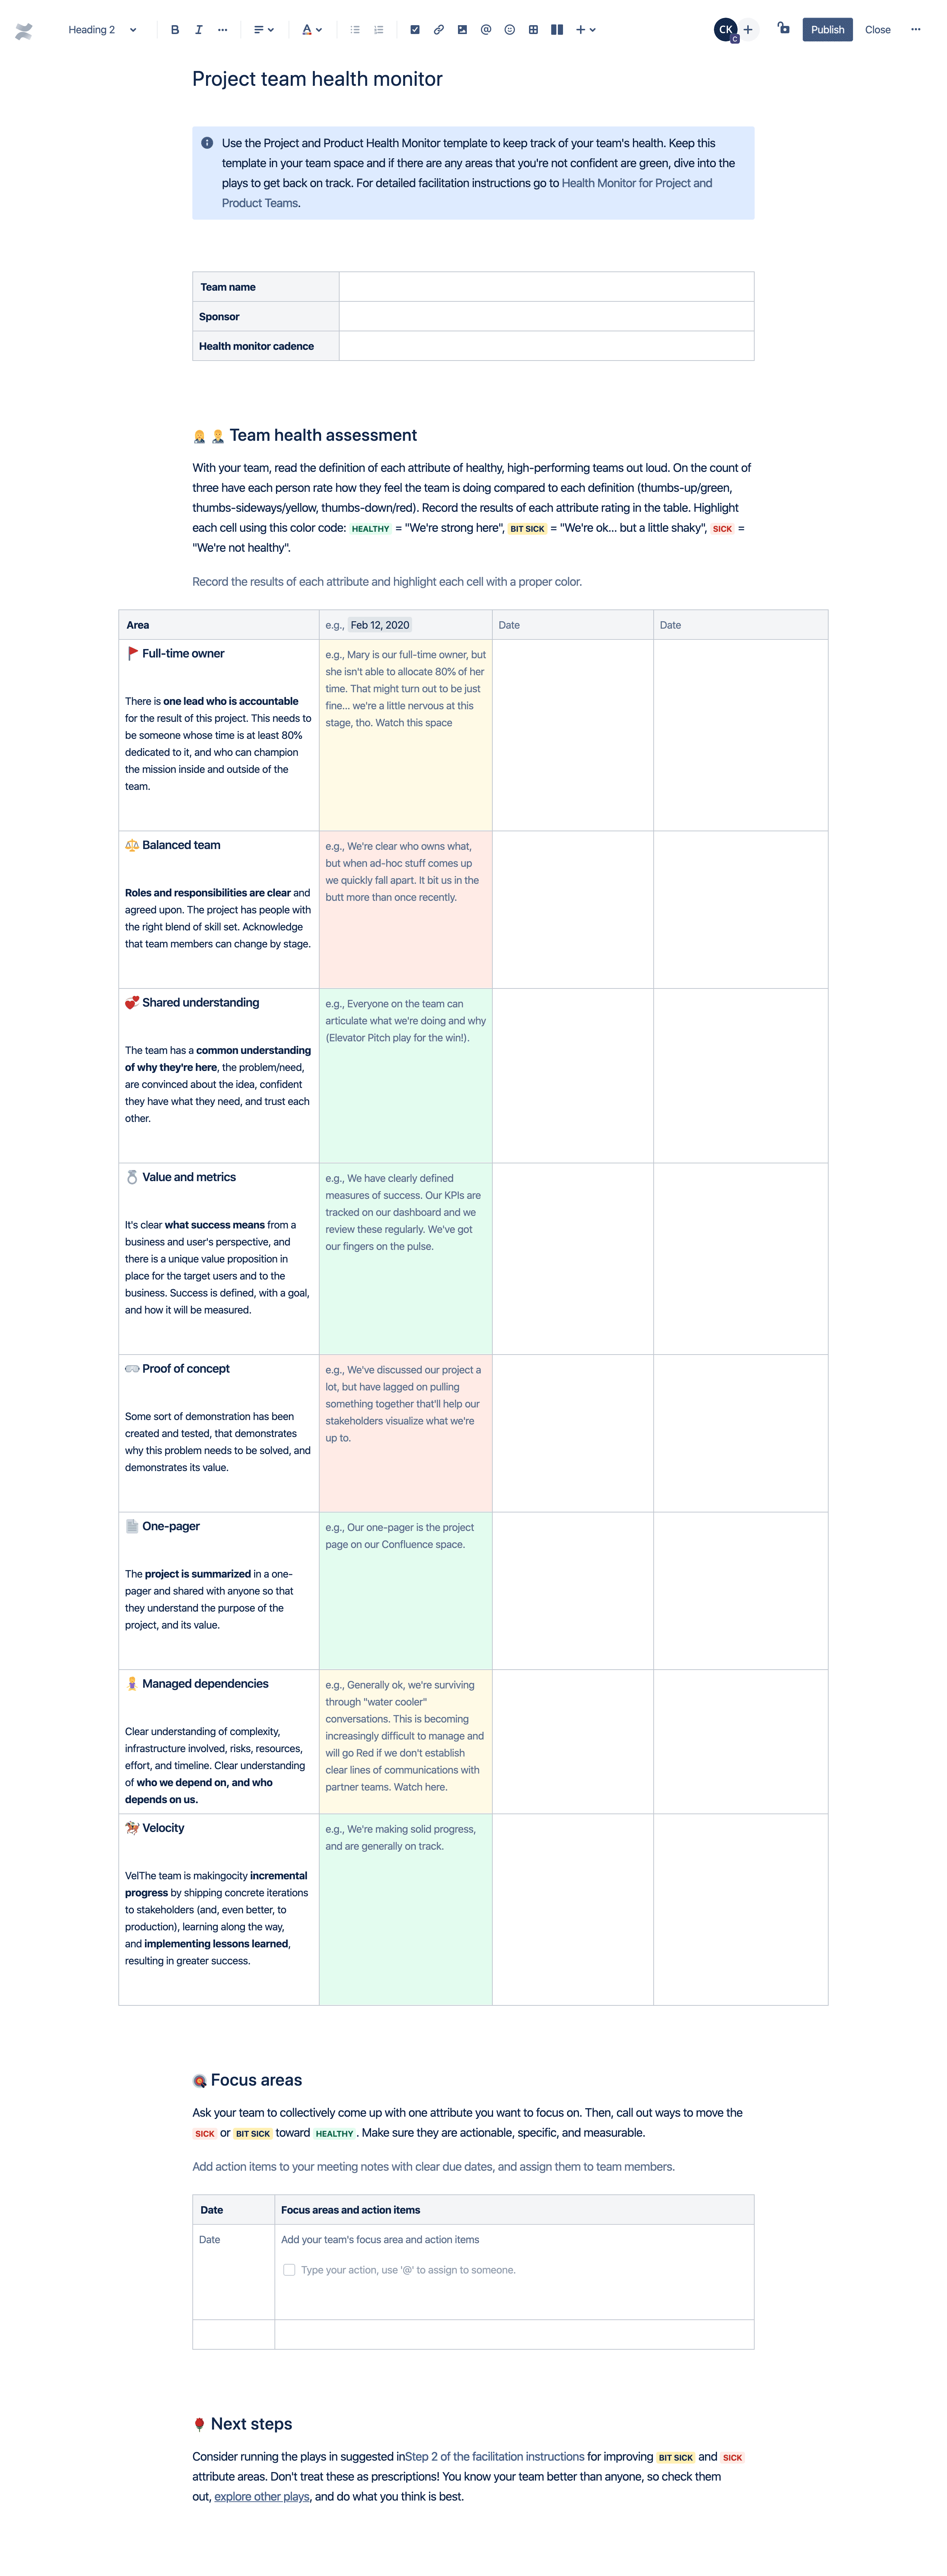 プロジェクト チーム ヘルスモニター テンプレート